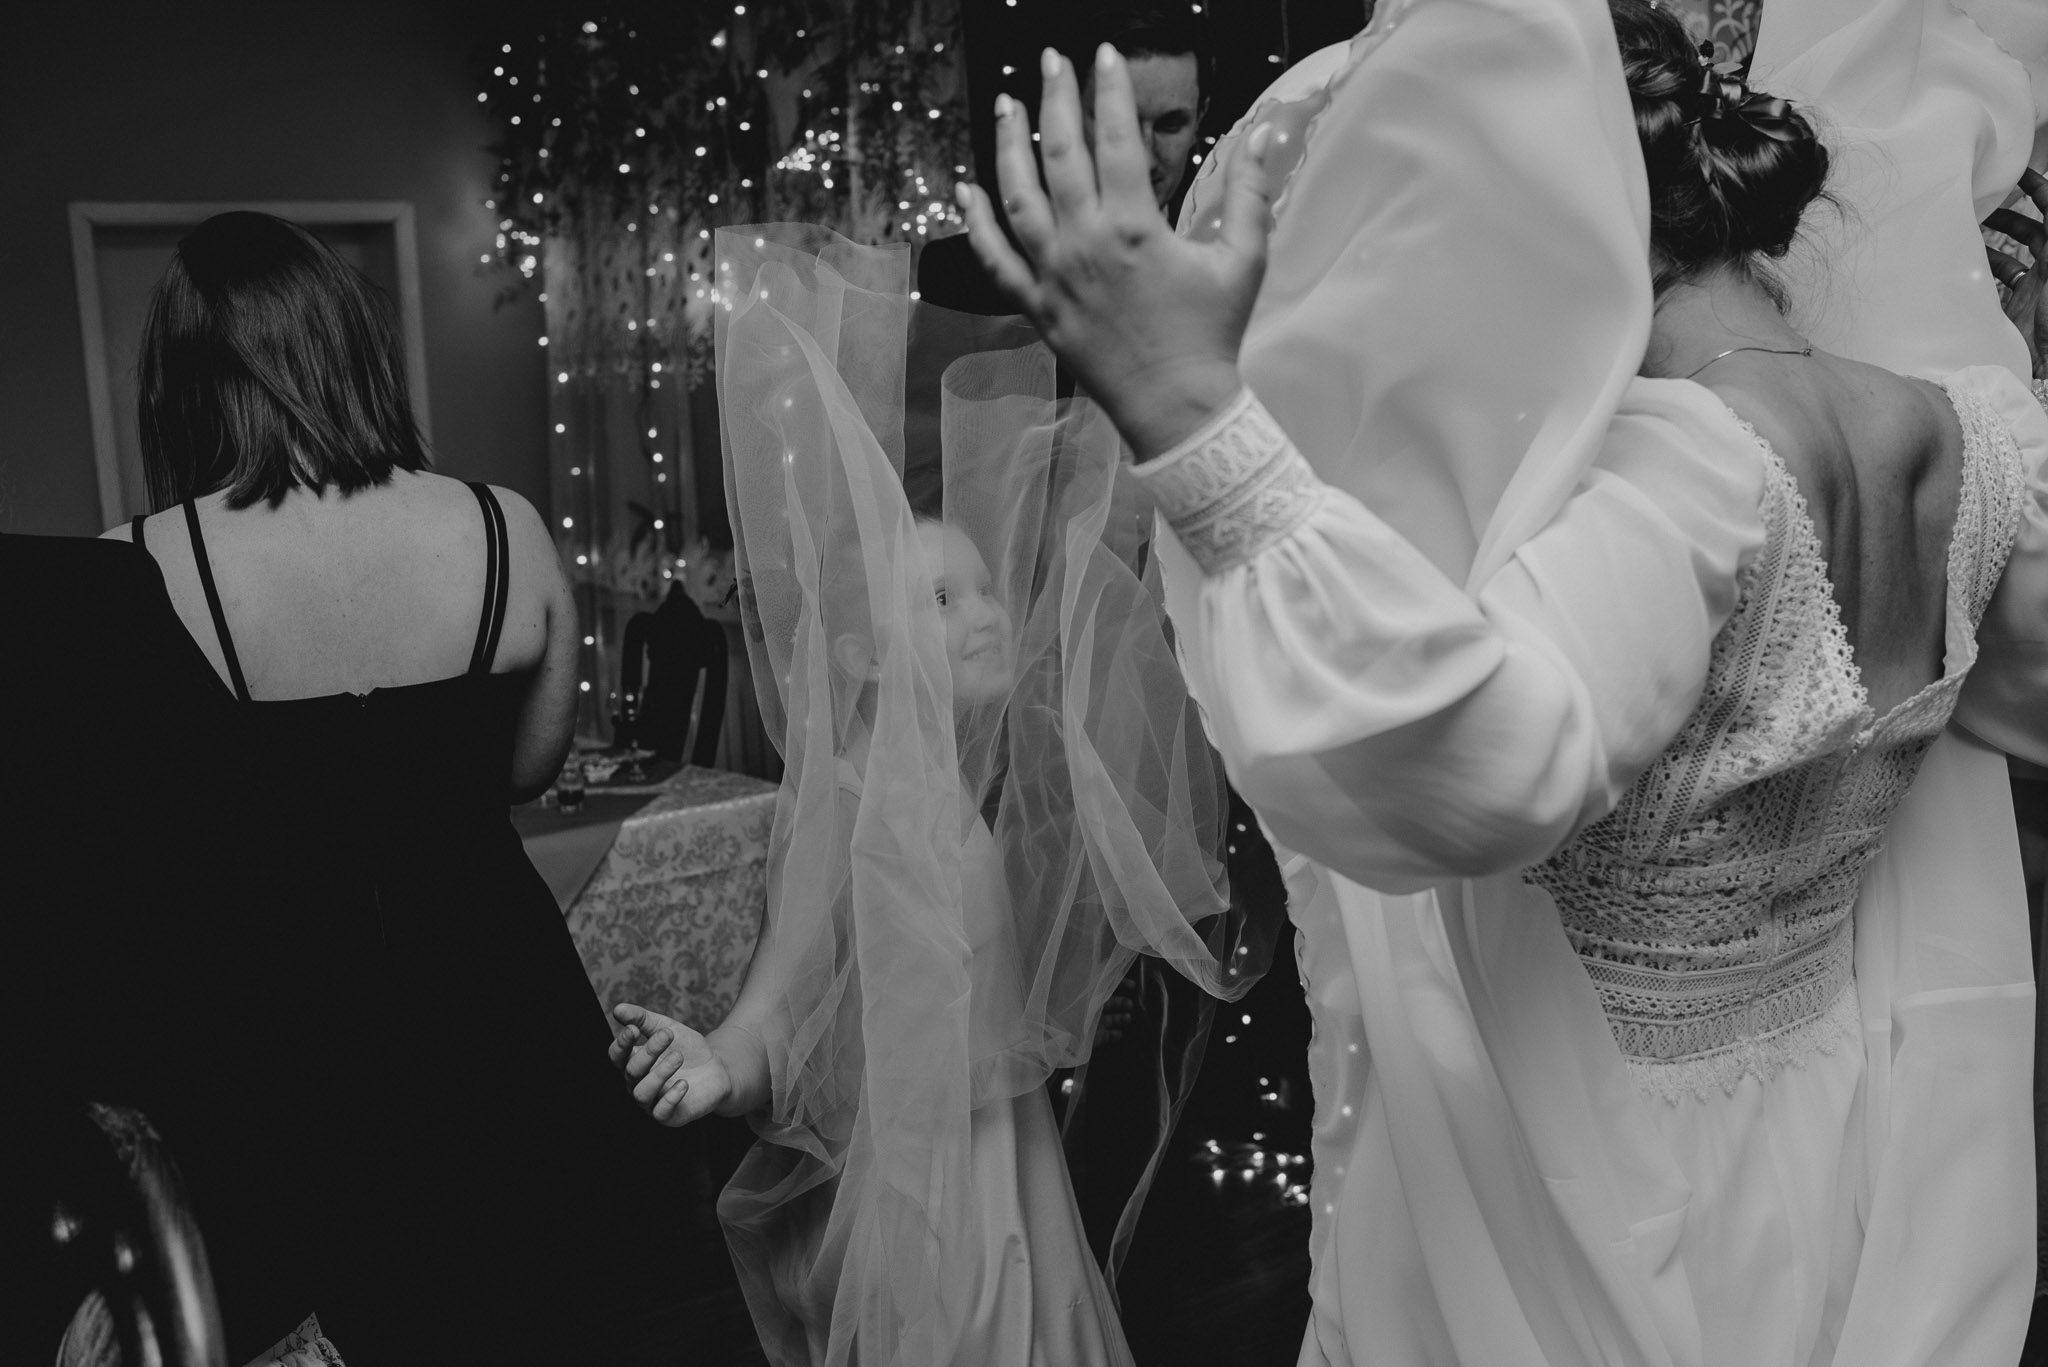 Panna młoda podrzuca spódnicę sukni do góry podczas tańca na przyjęciu weselnym - sesja ślubna reportaż Żuczki Inowrocław